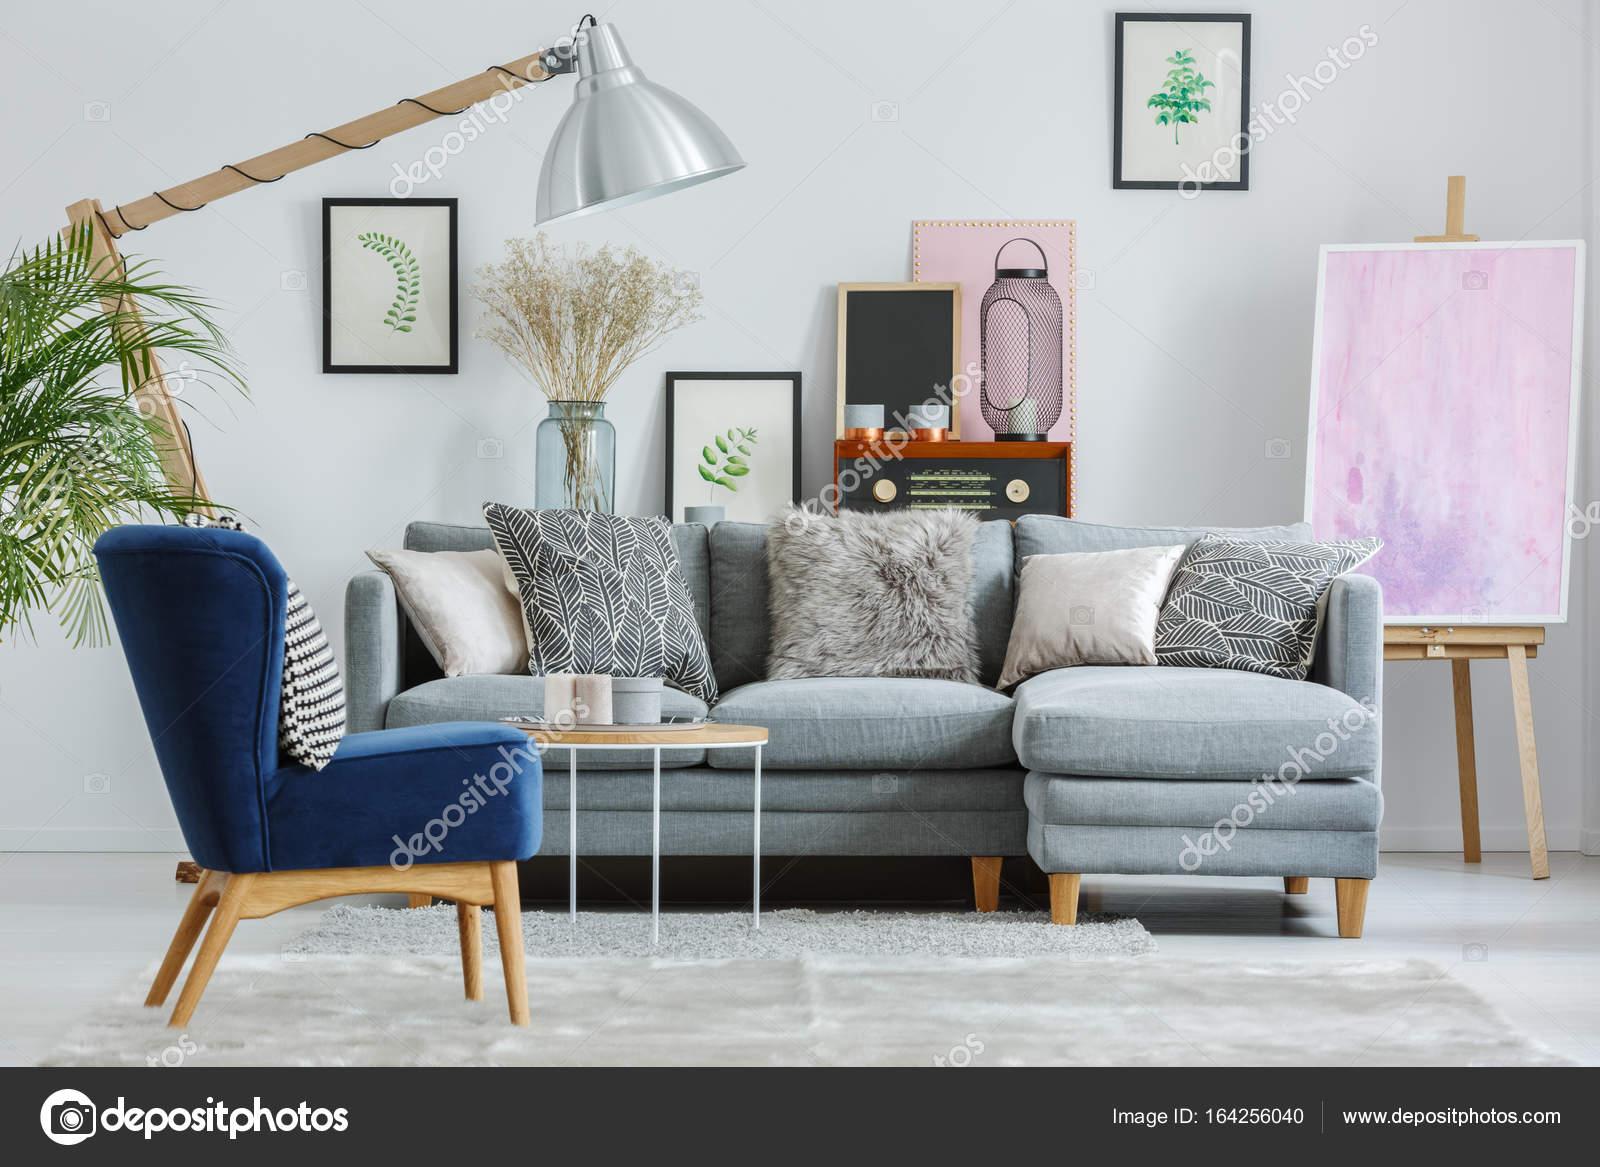 Vintage Woonkamer Meubels : Woonkamer met vintage meubels u stockfoto photographee eu